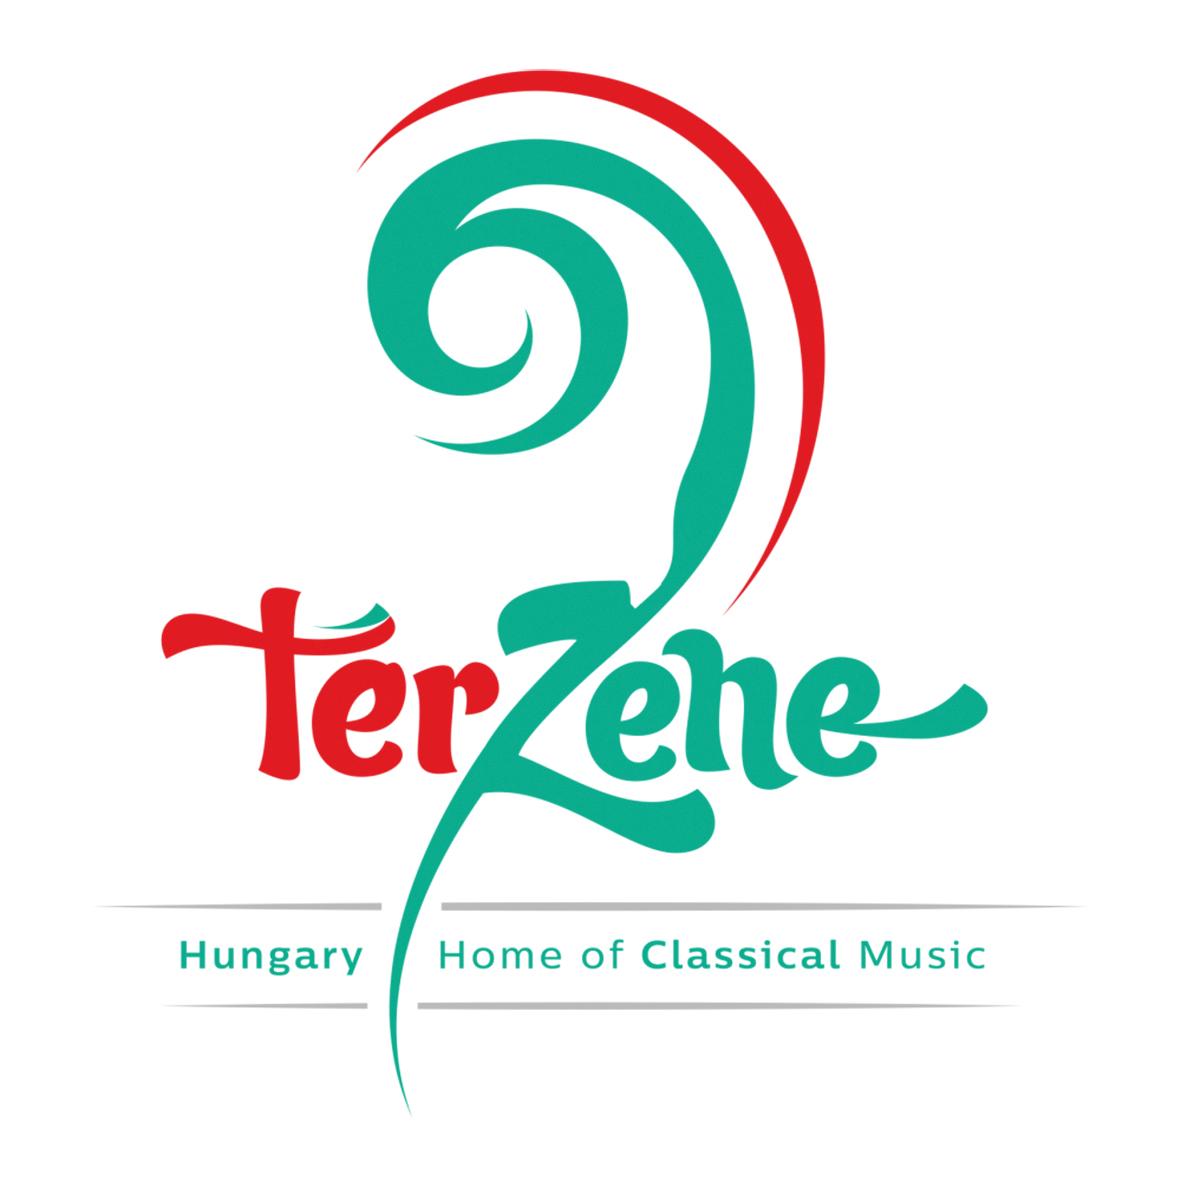 terzene logo